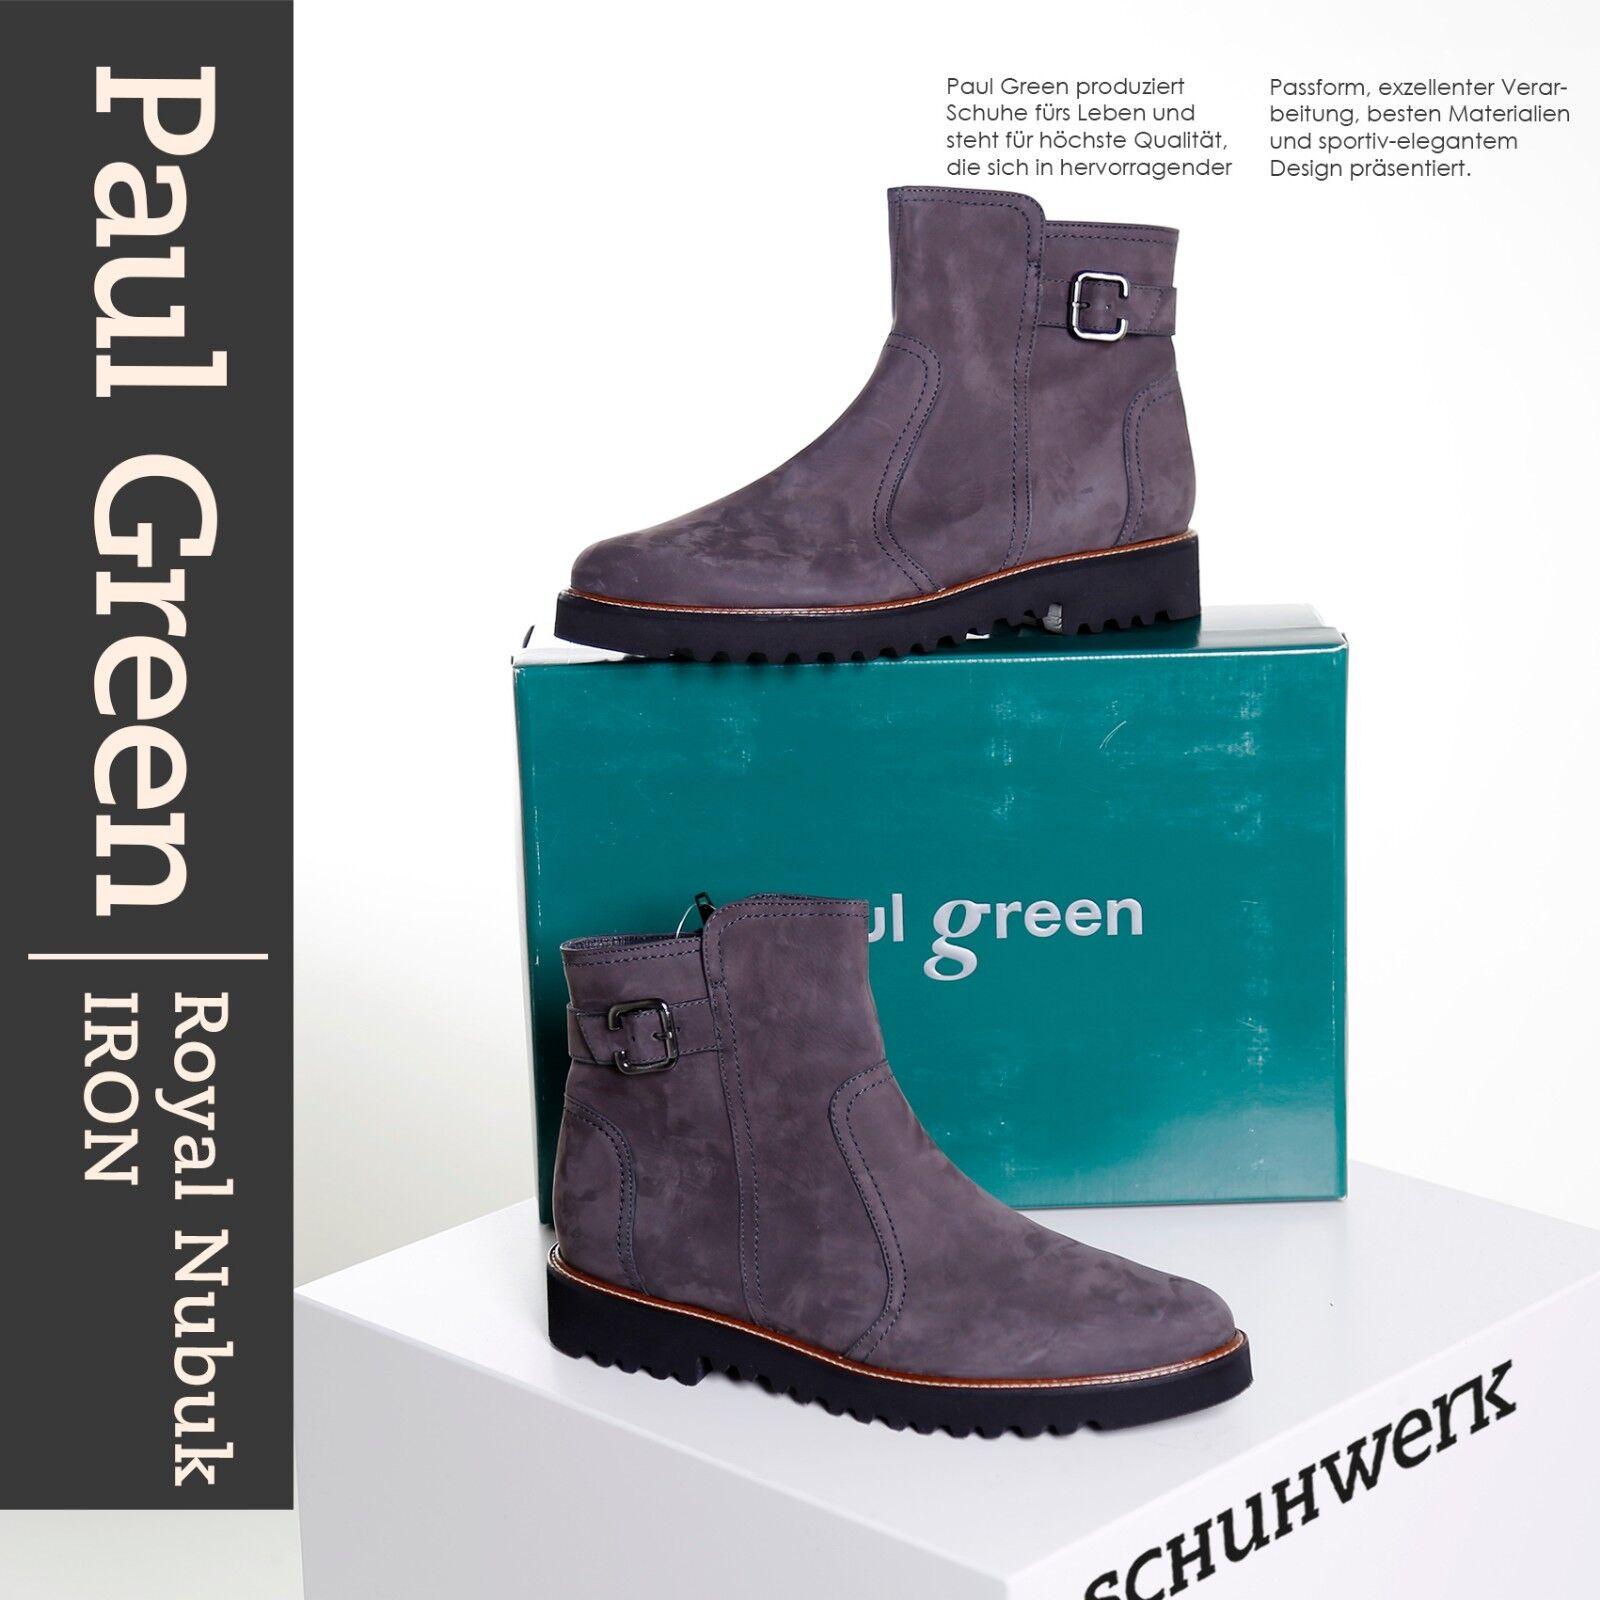 Paul Green Green Paul Damen Stiefelette 9069-011 Iron f4087f